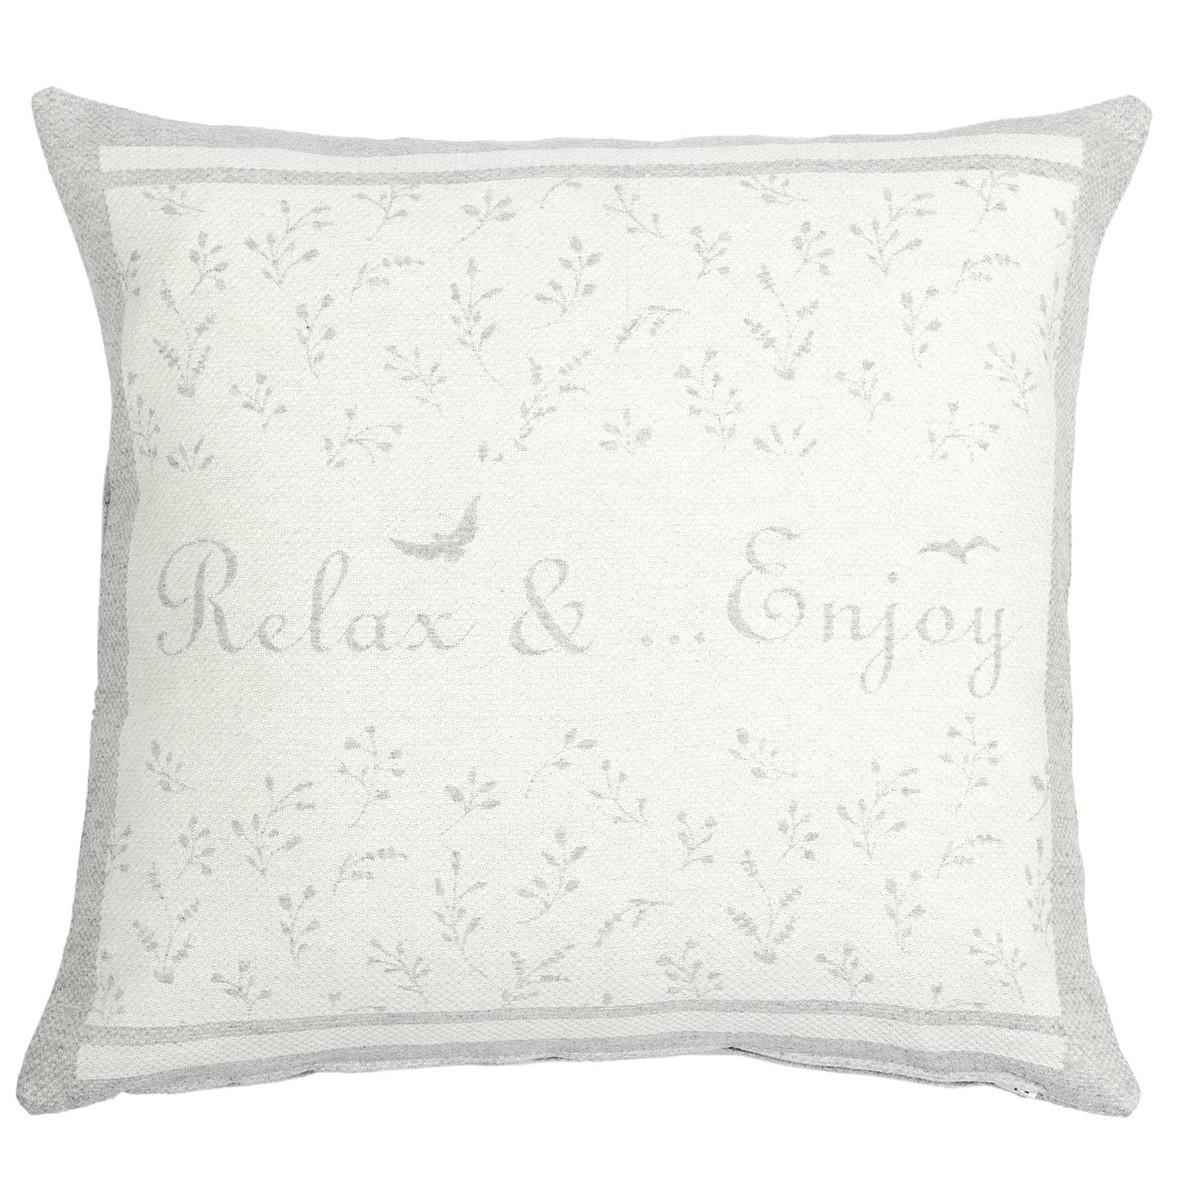 Διακοσμητική Μαξιλαροθήκη Nima Cushions Mezzoro Grey